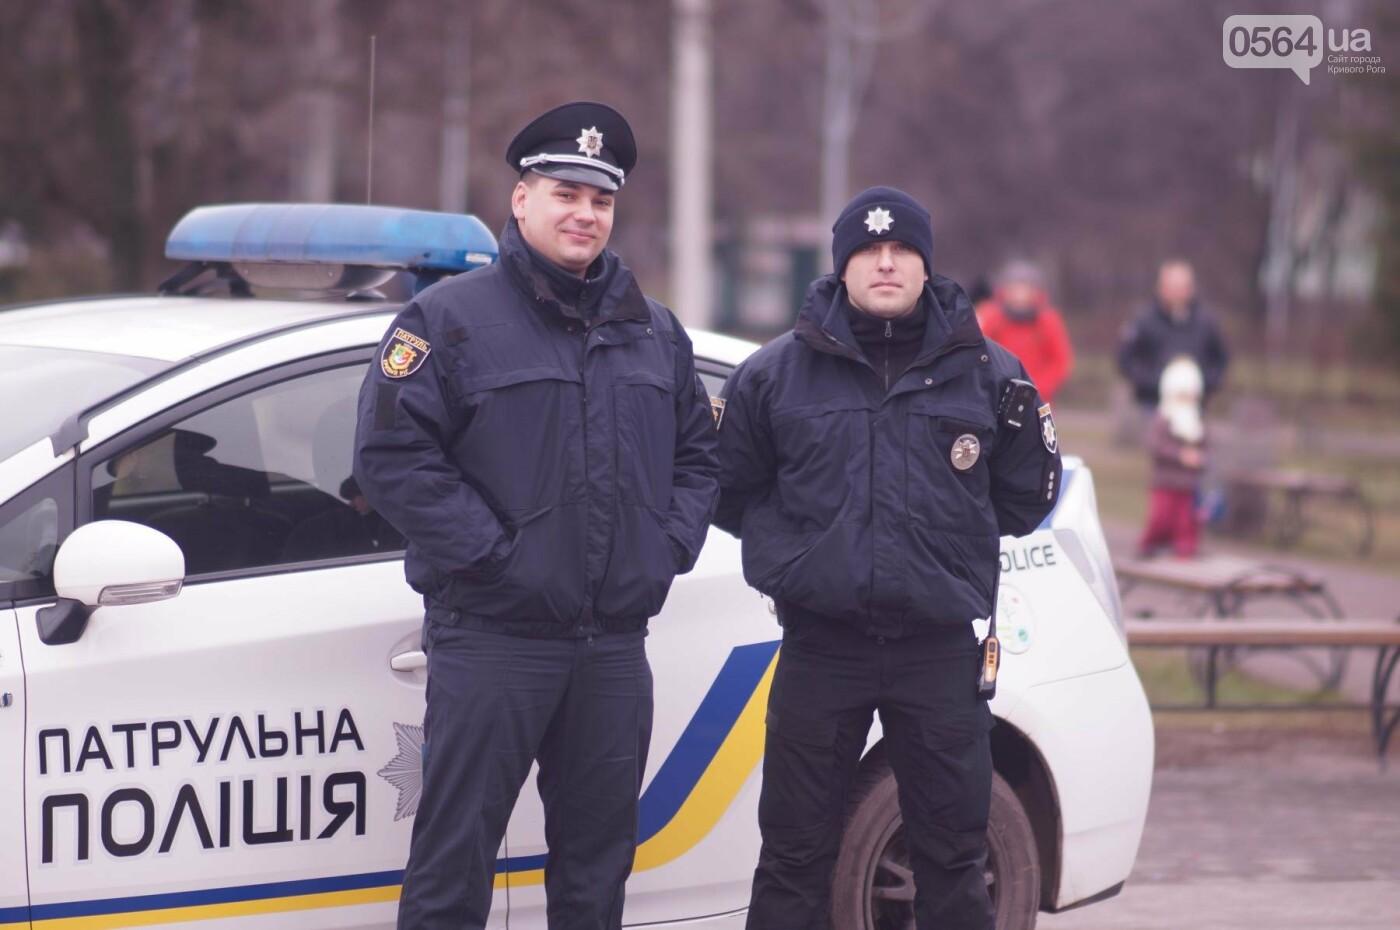 Встреча криворожских полицейских с детьми закончилась преждевременно (ФОТО), фото-25